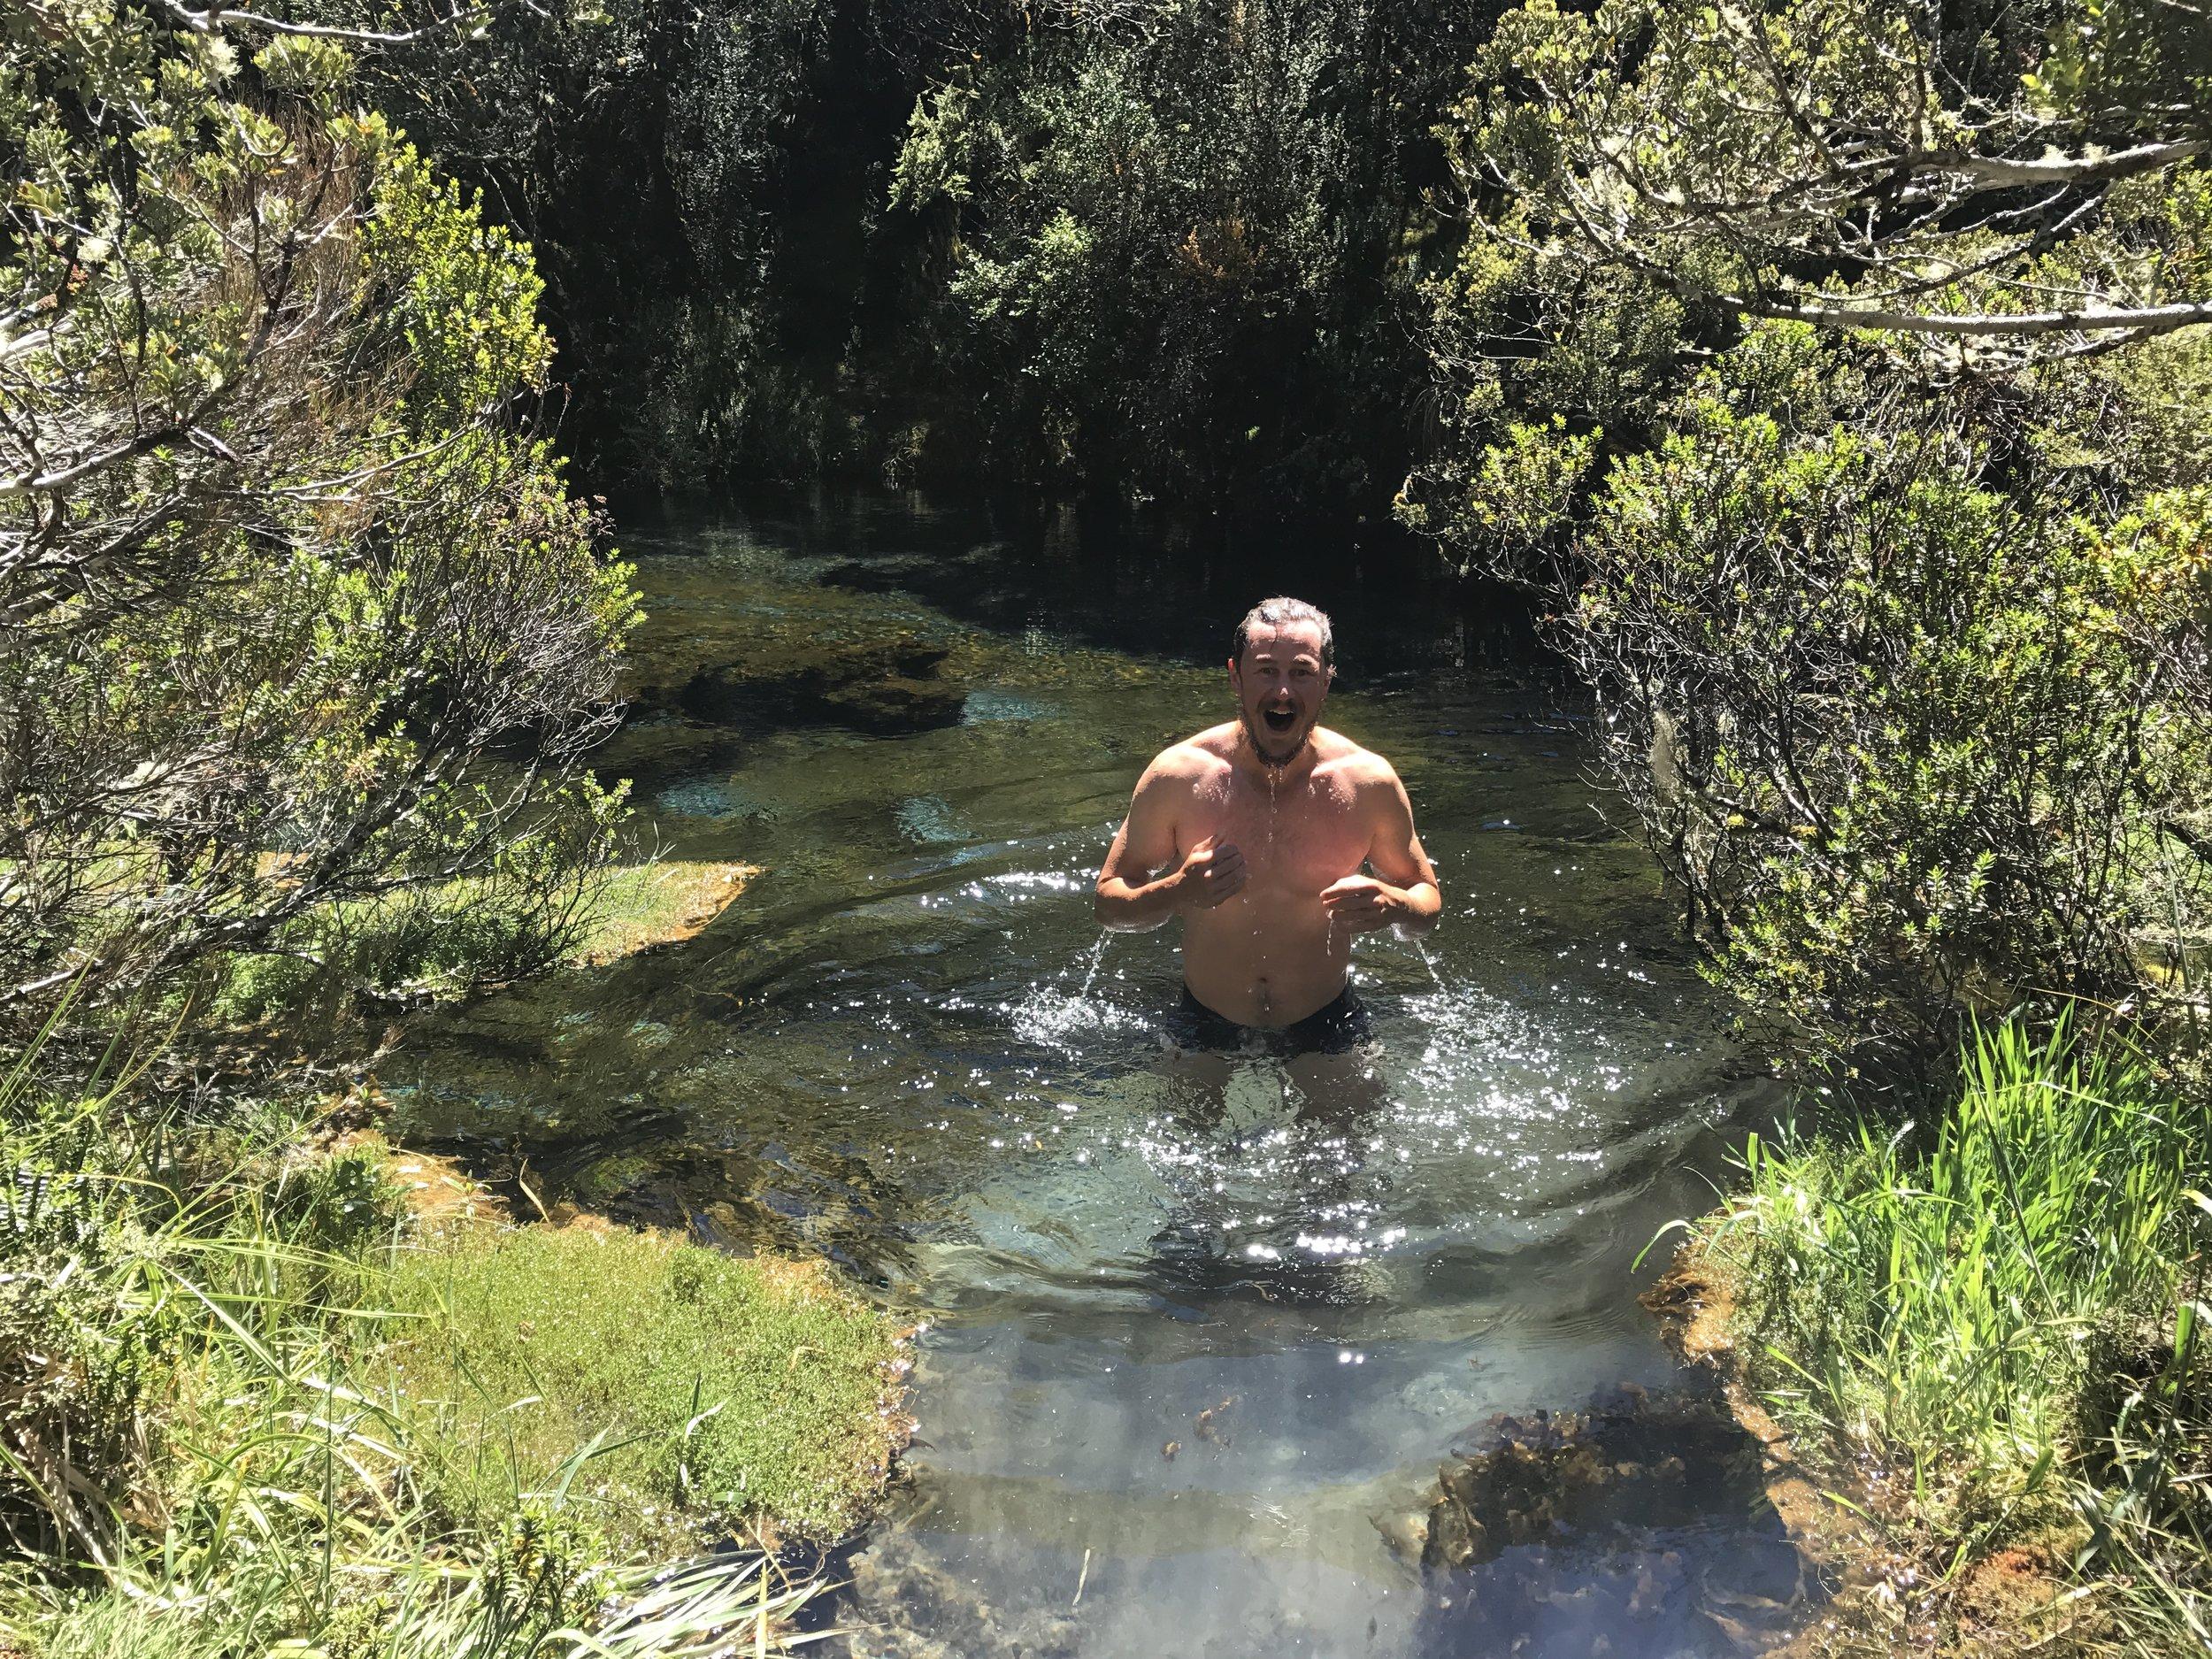 Refreshspring